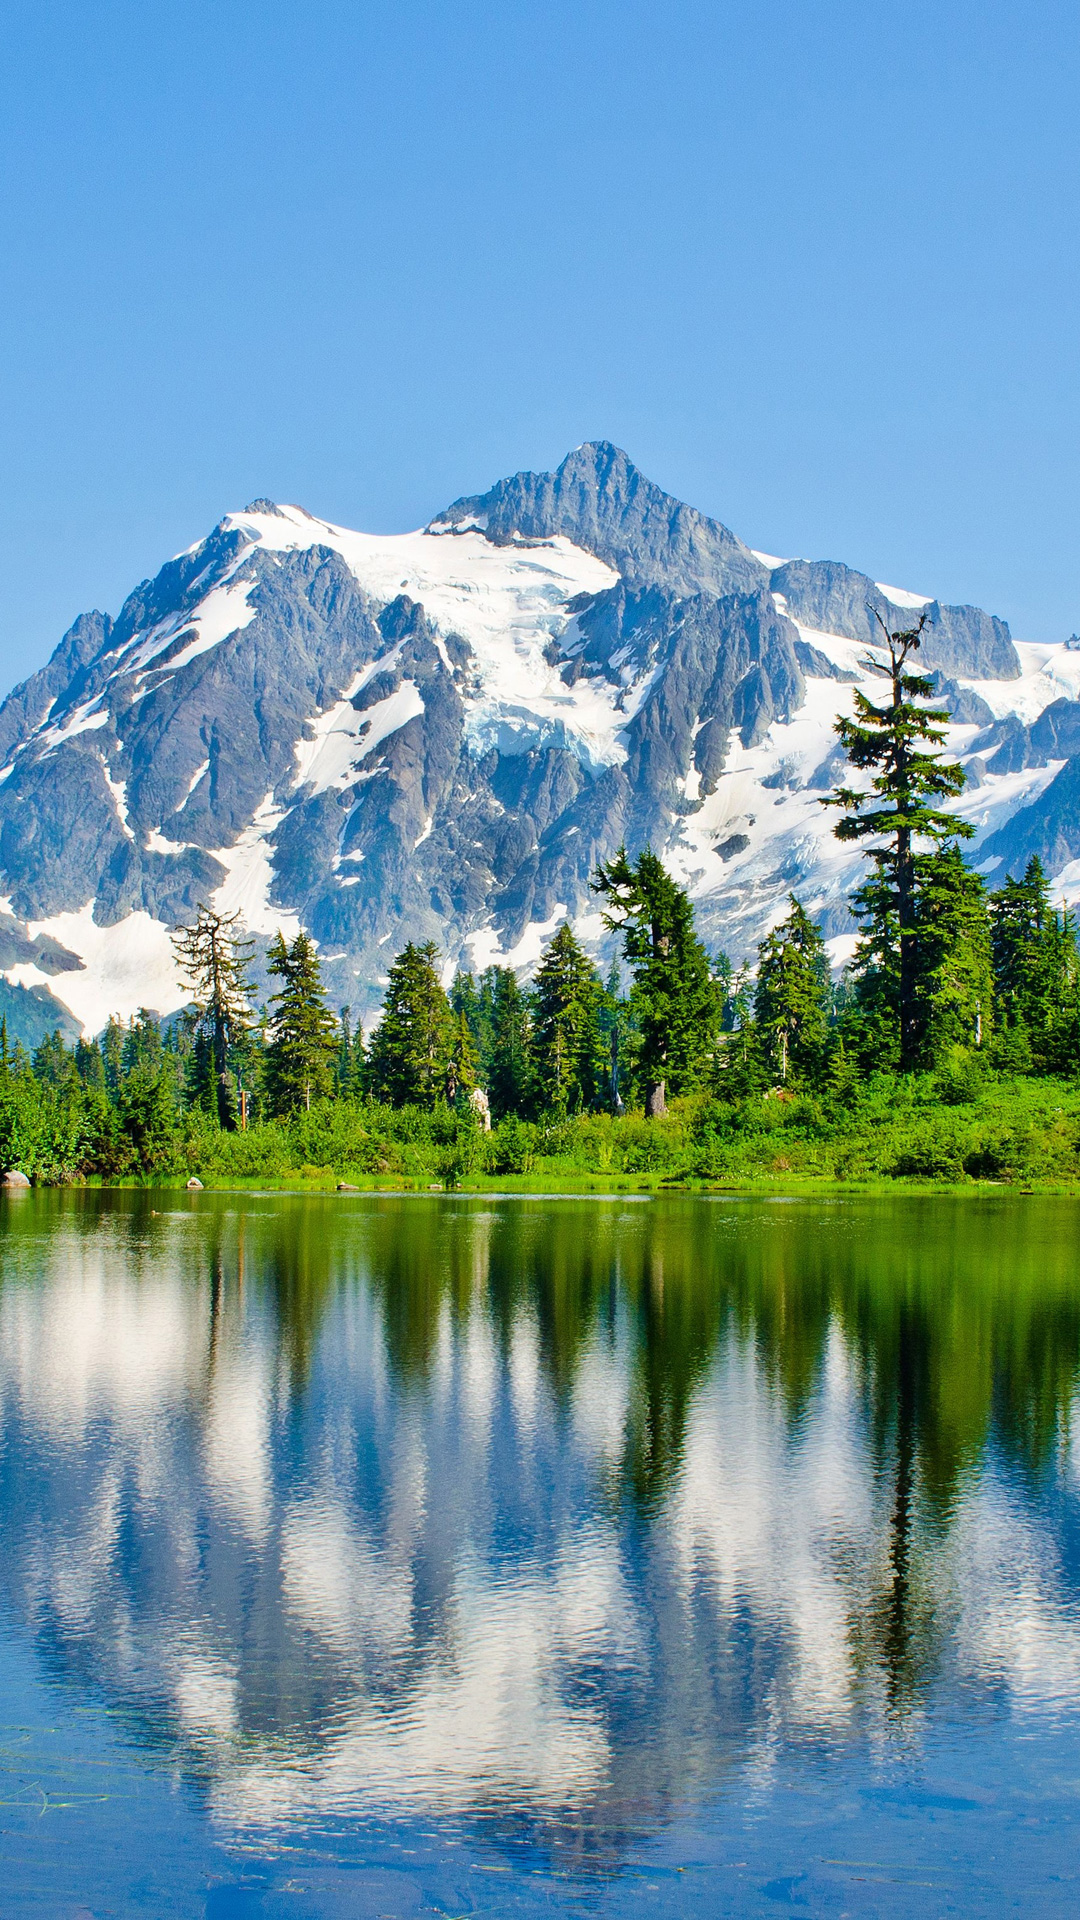 Sfondi immagini montagna